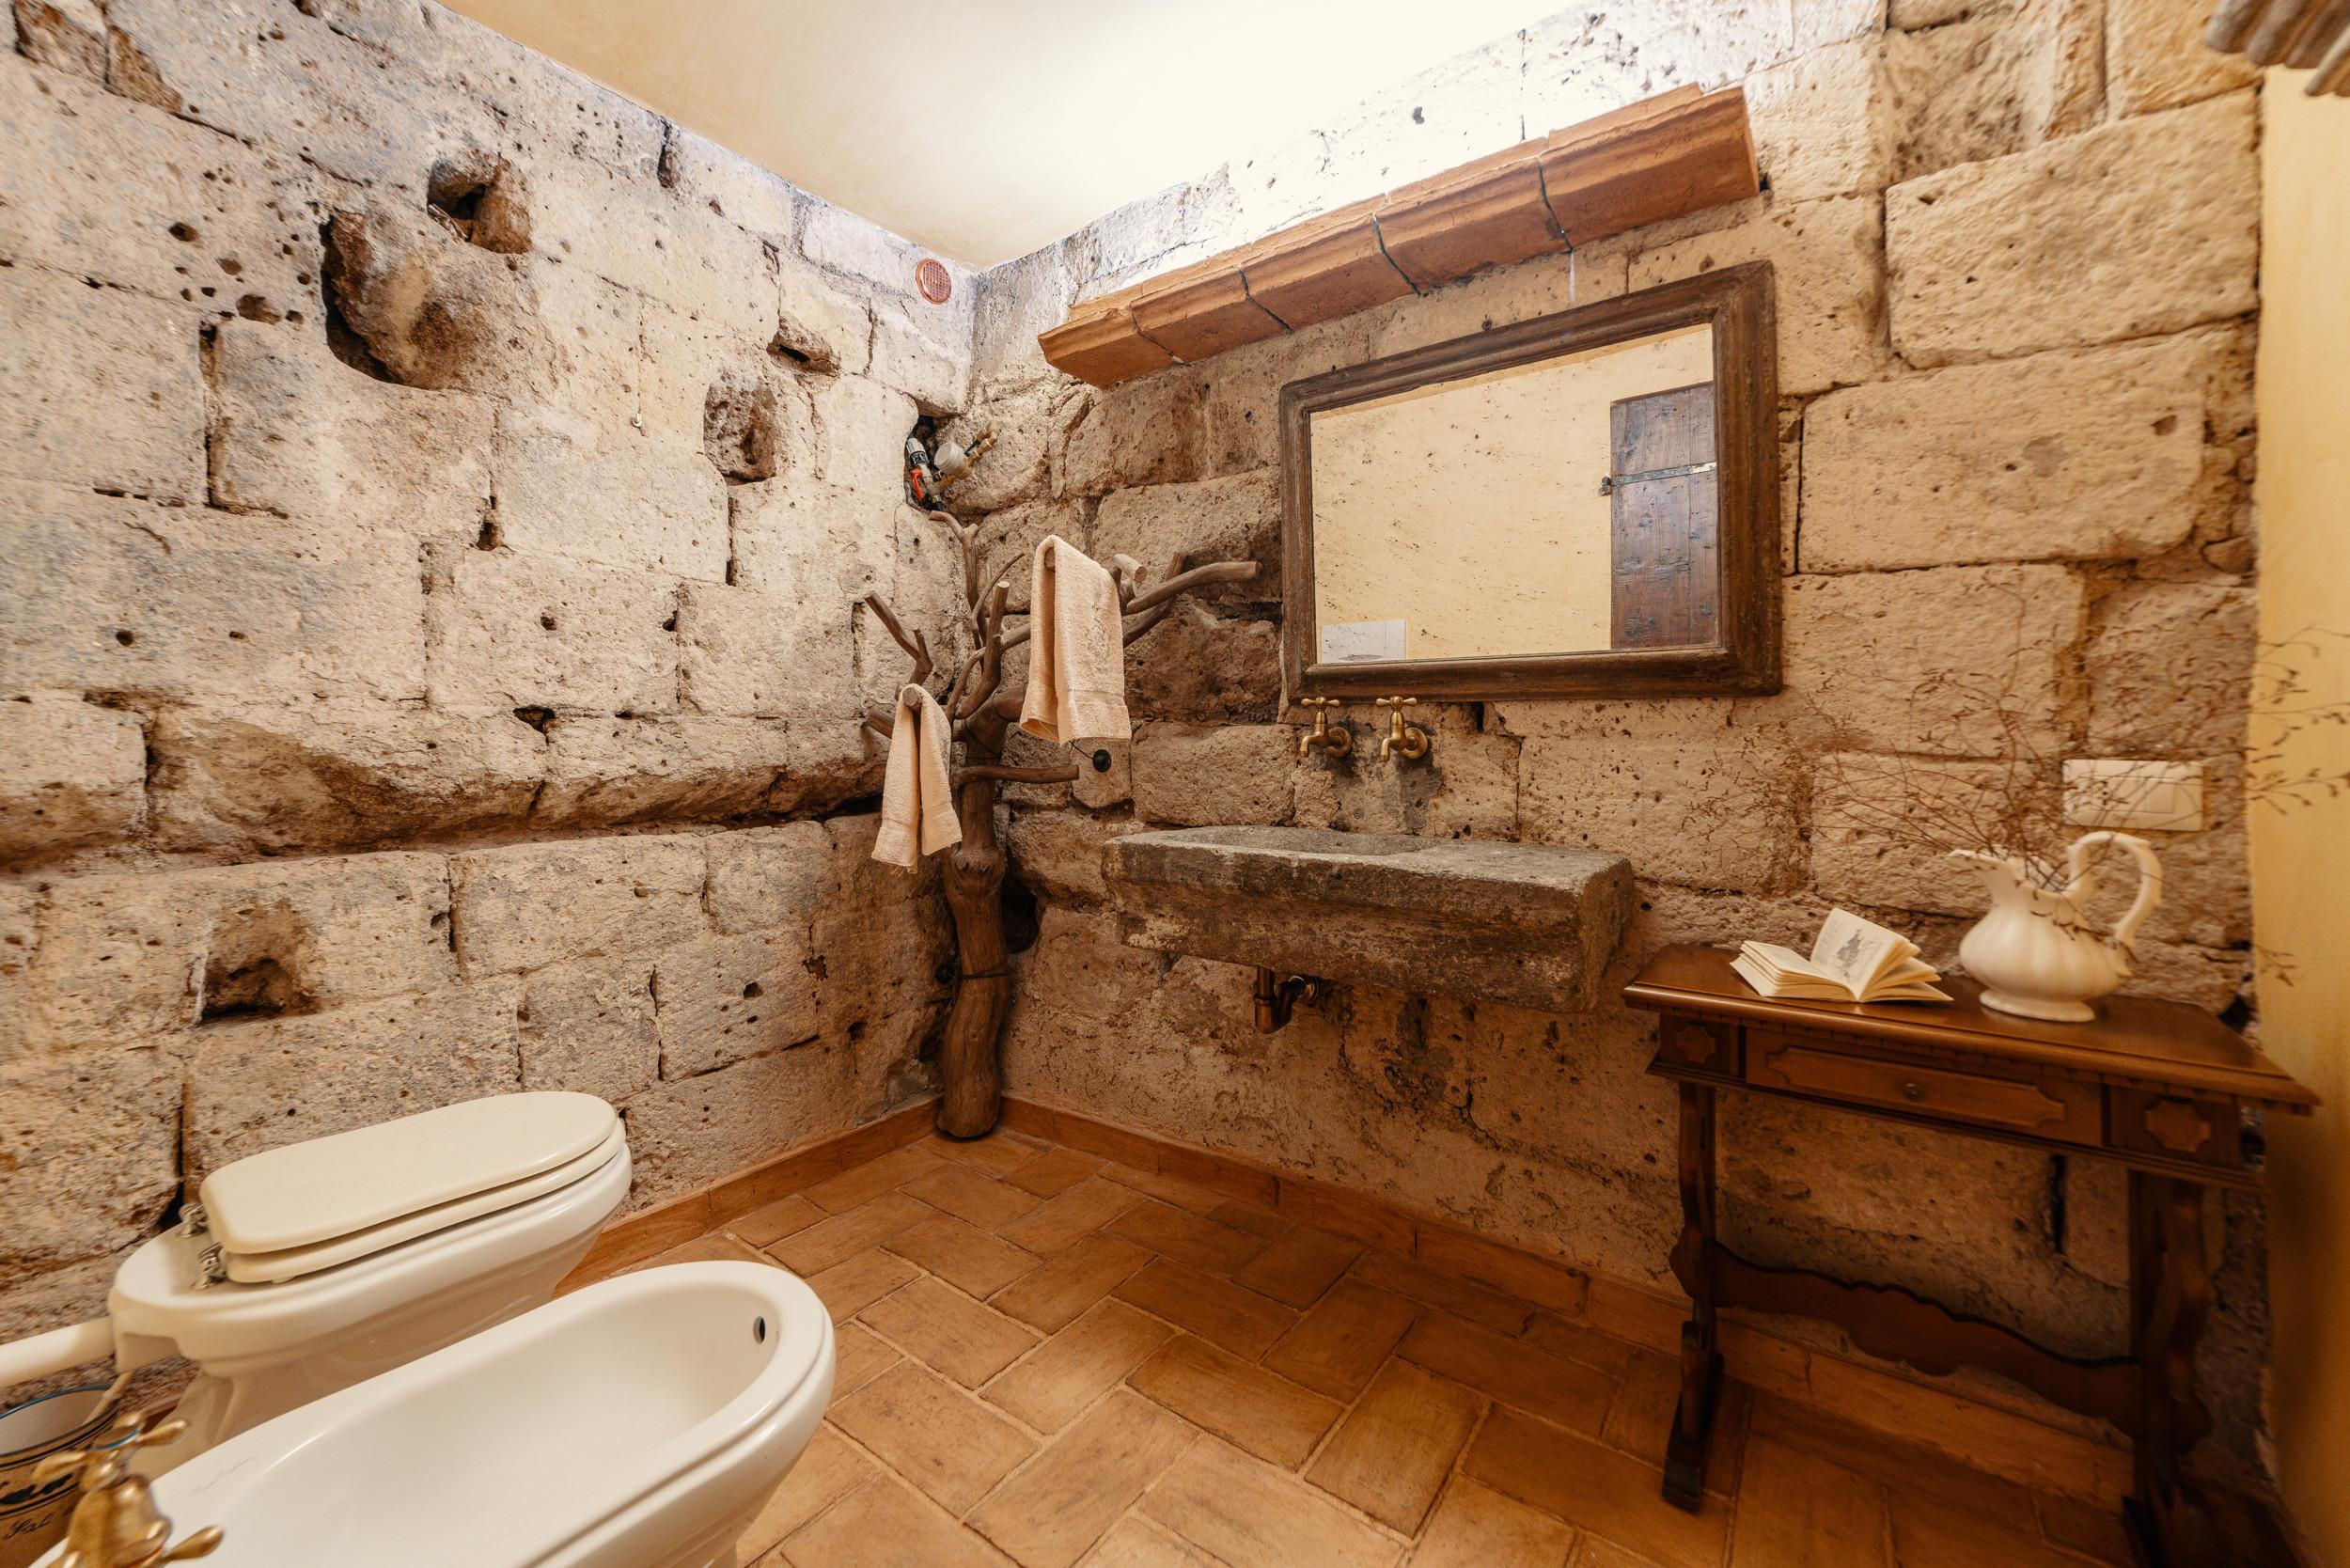 Bathroom with tufa rock walls.